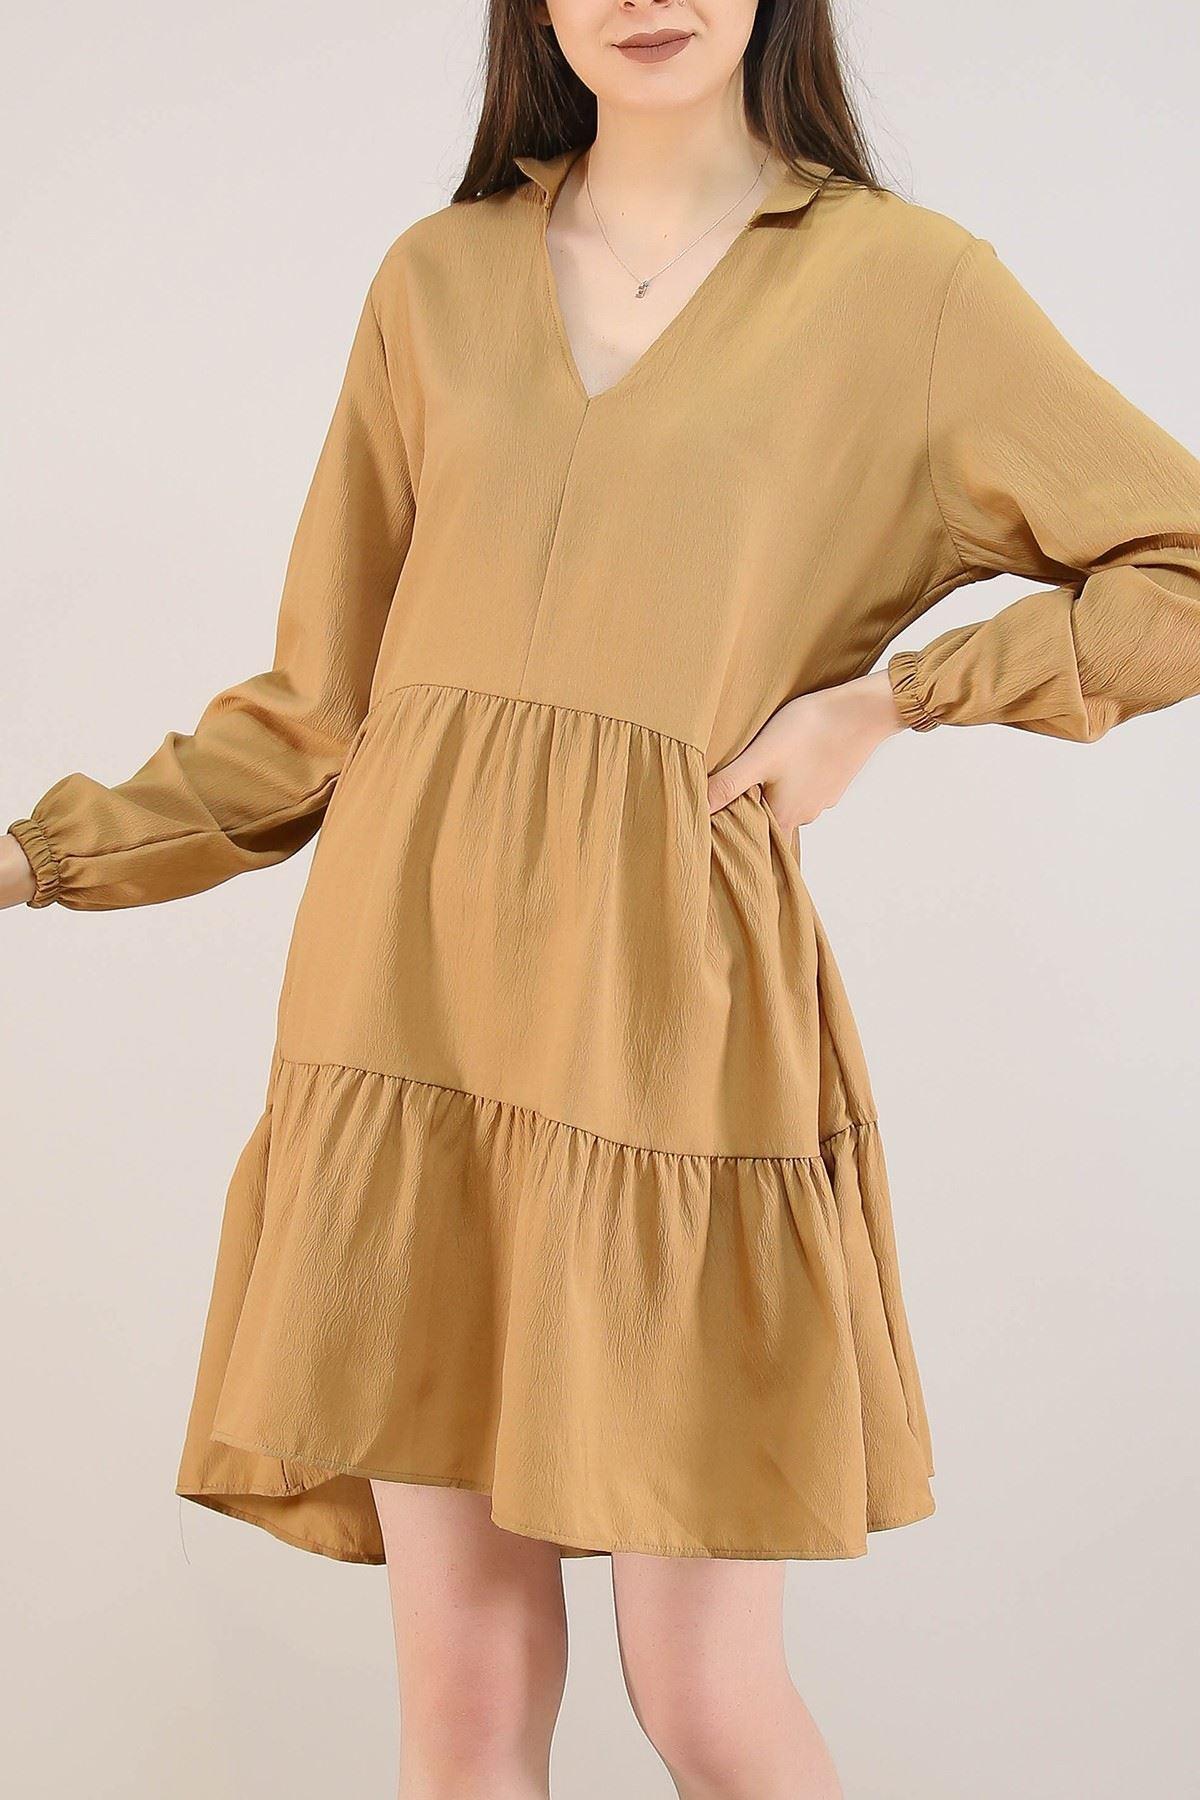 Kısa Krep Elbise Sütlükahve - 5273.701.